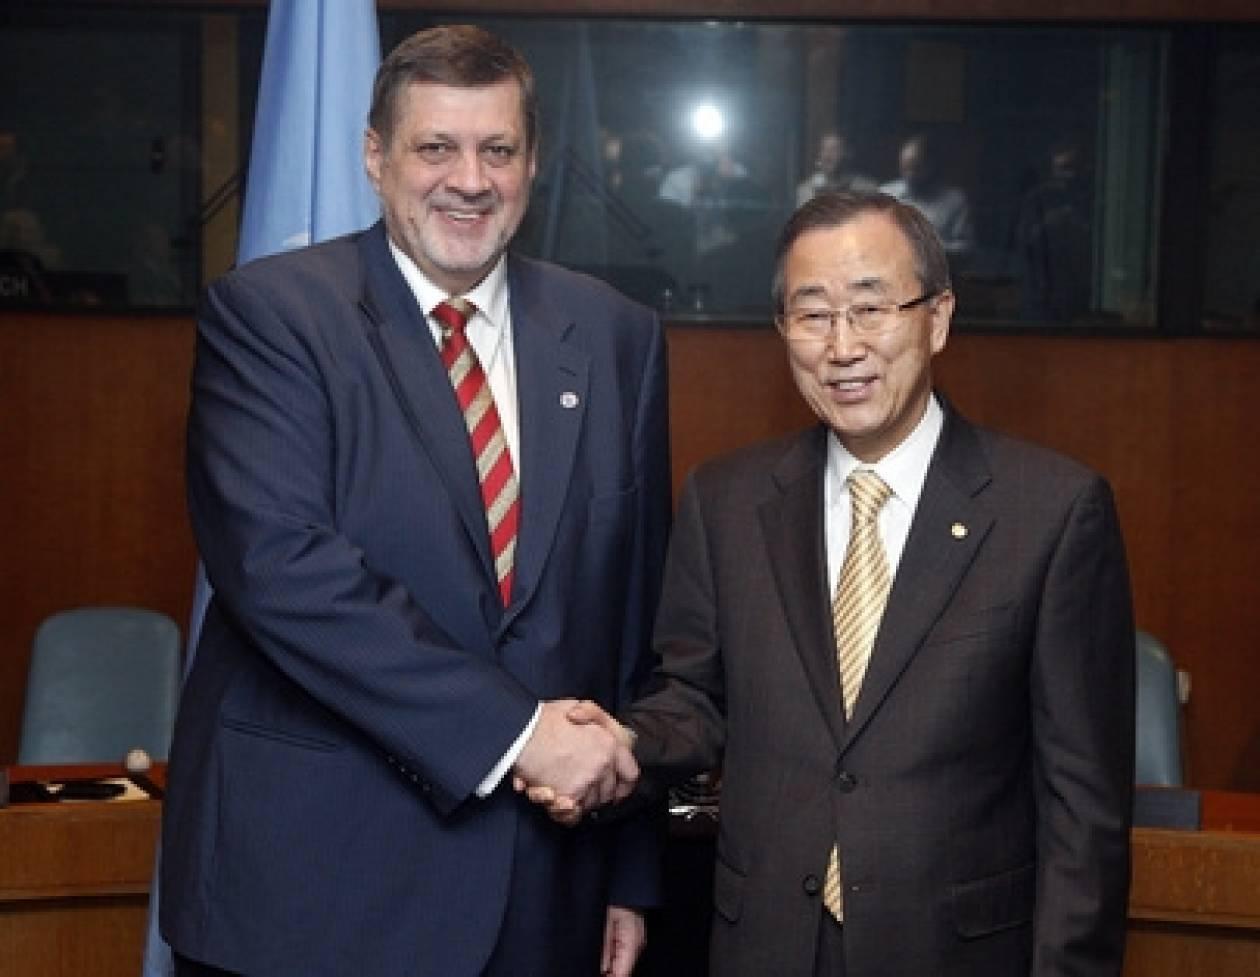 Νέος επικεφαλής του ΟΗΕ στο Αφγανιστάν